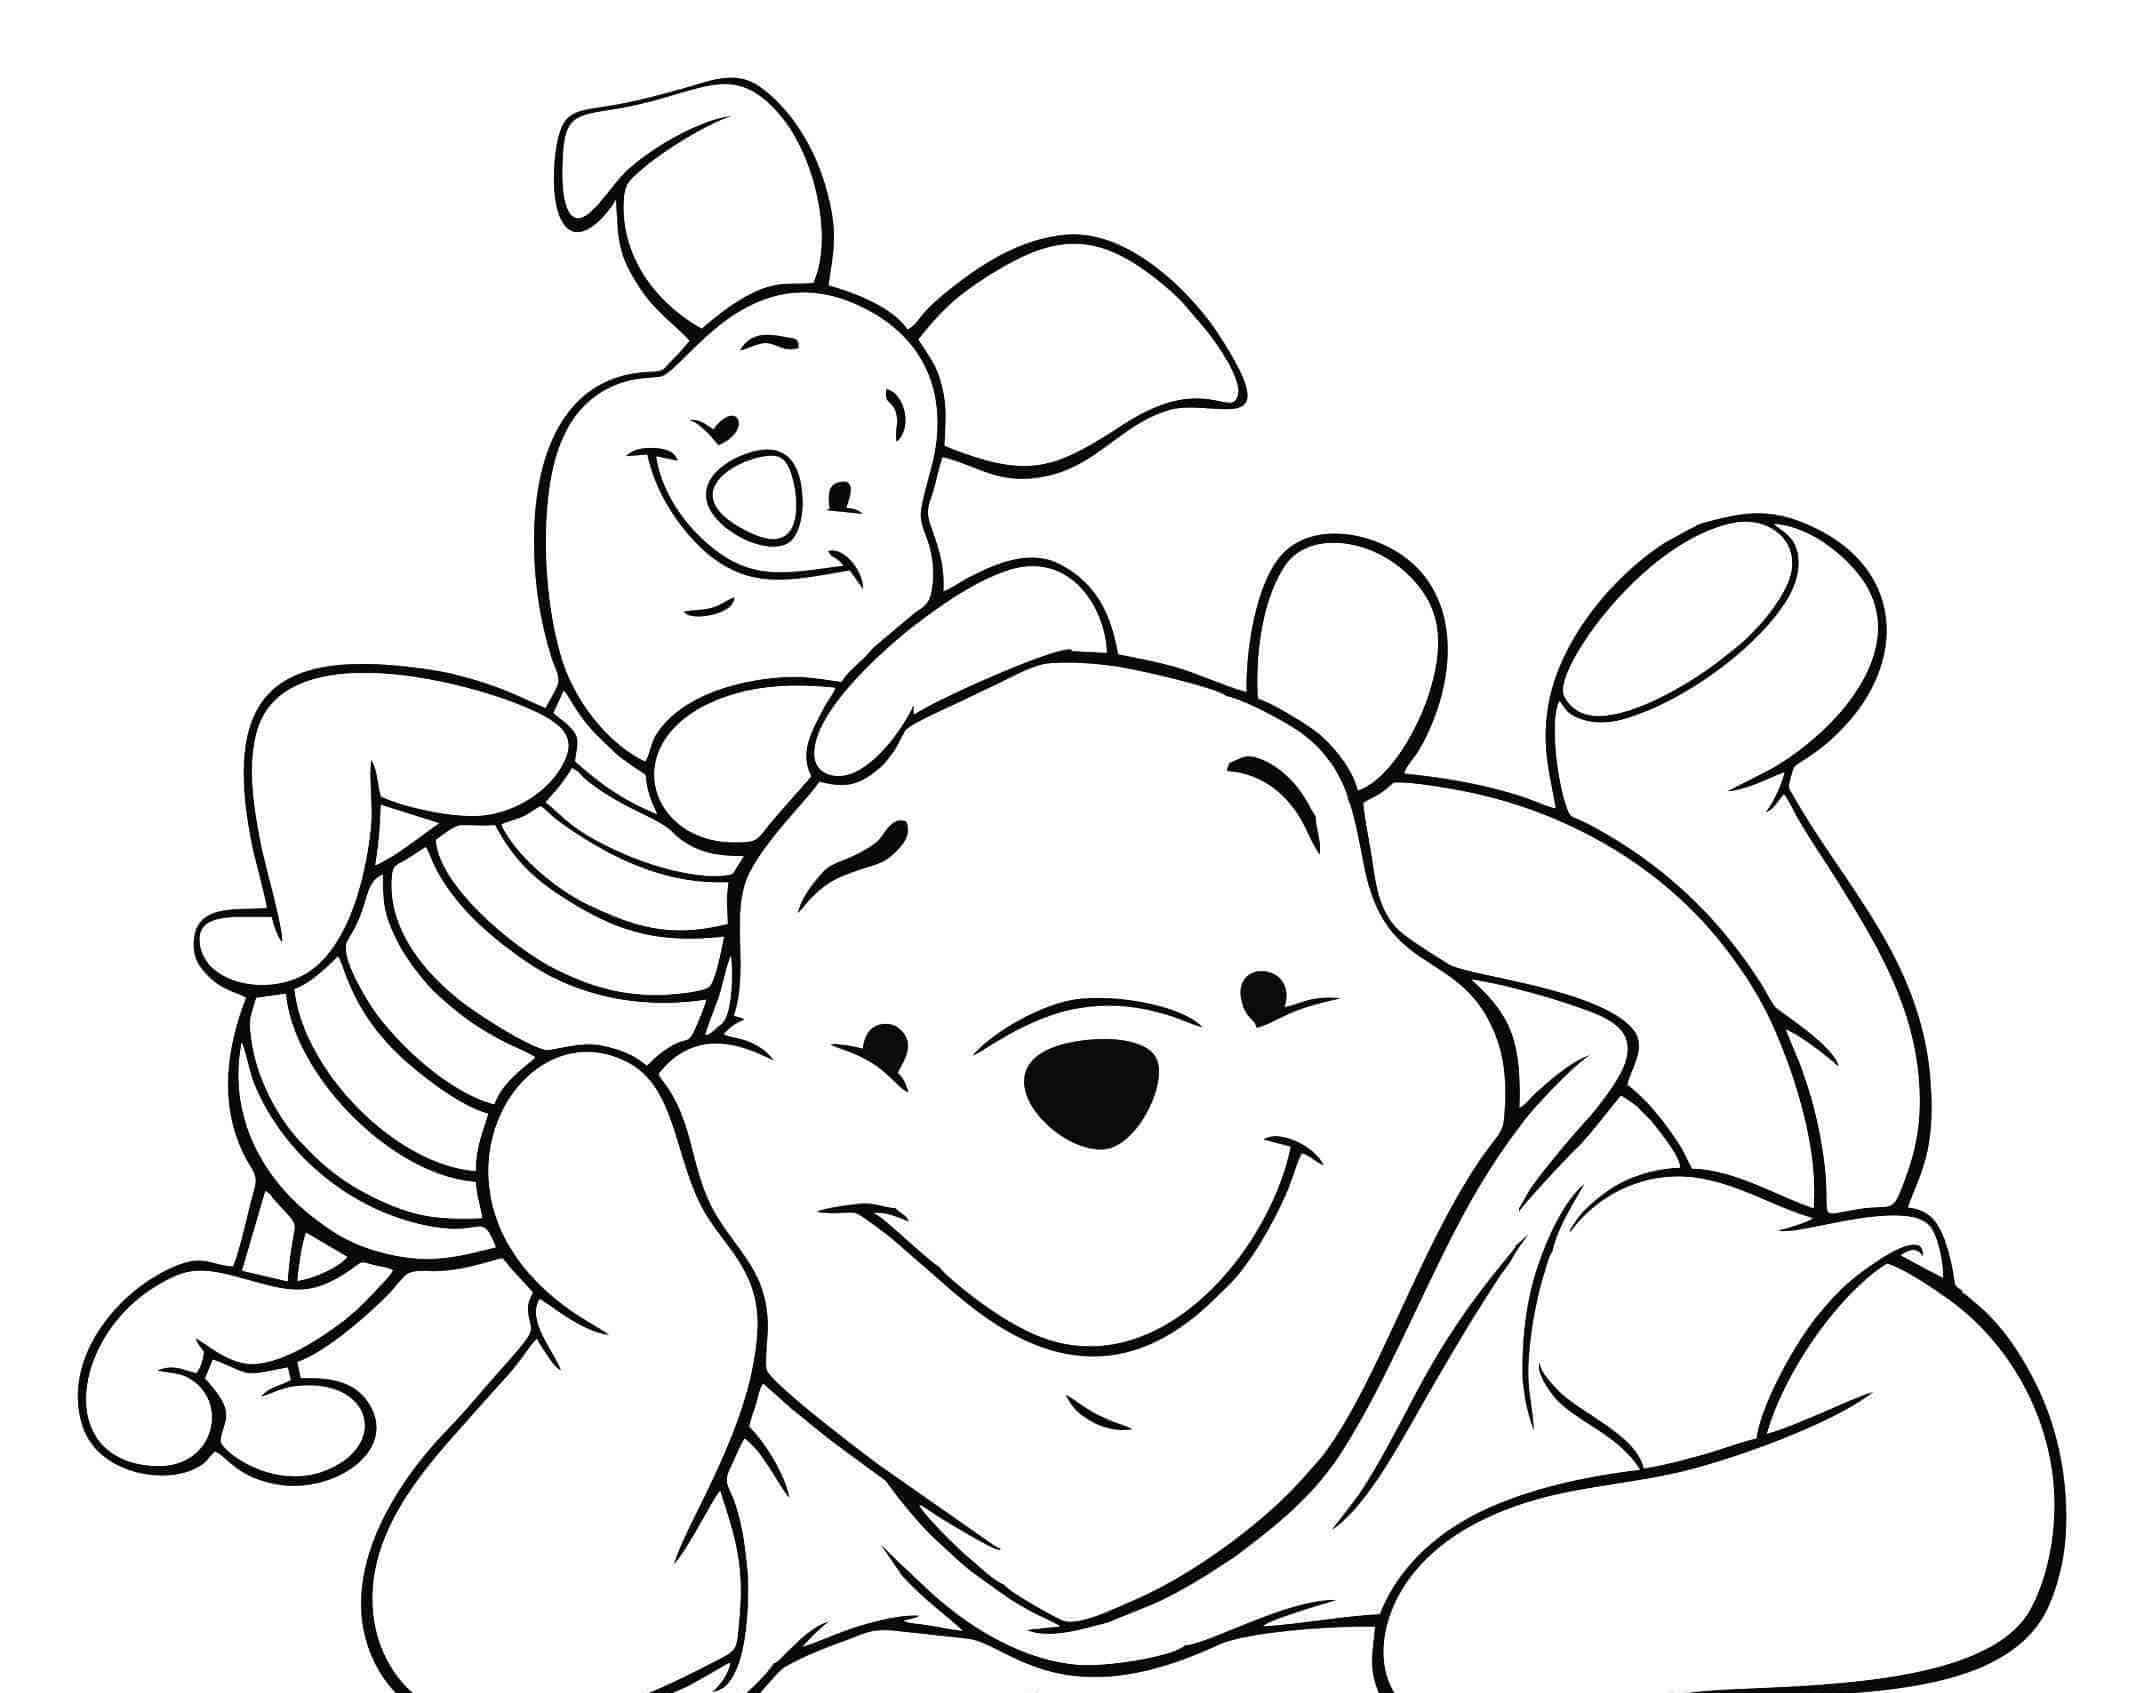 Desenhos Para Pintar E Imprimir Infantil Artesanato Passo